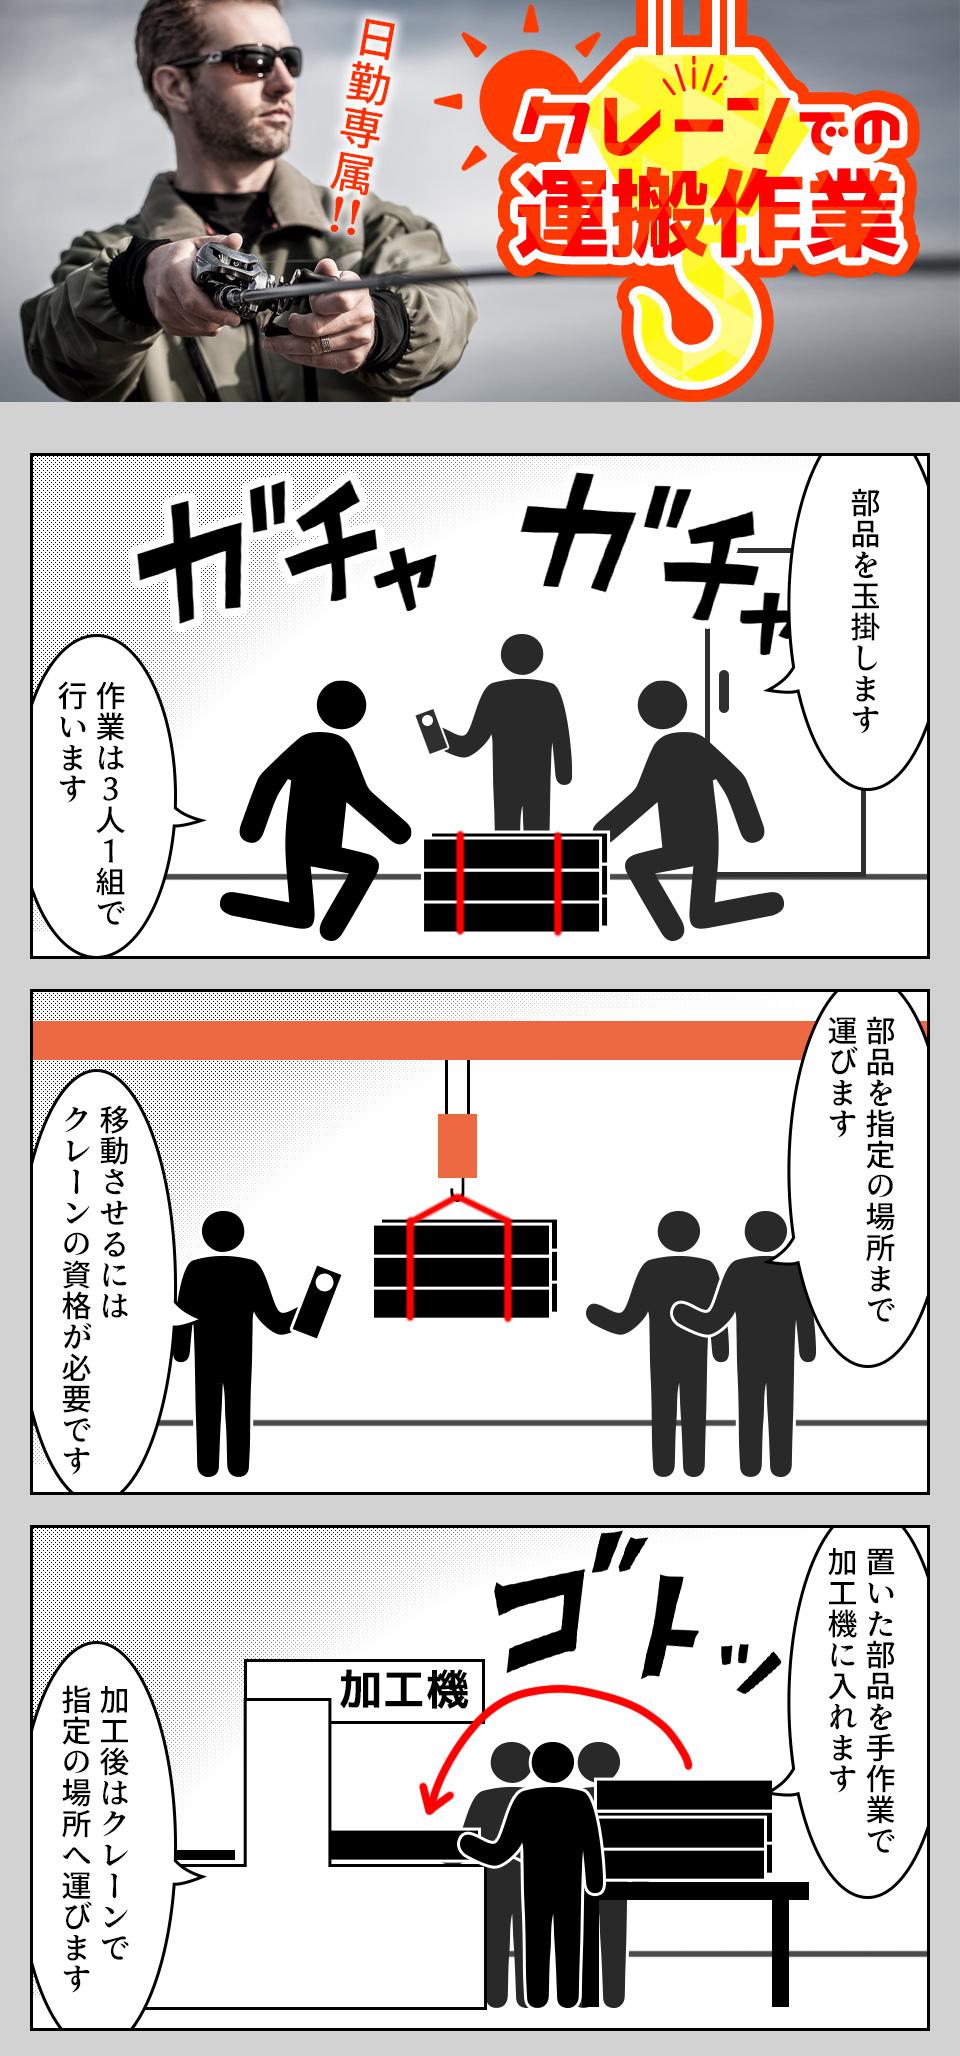 クレーン・機械オペレーター 愛知県豊川市の派遣社員求人